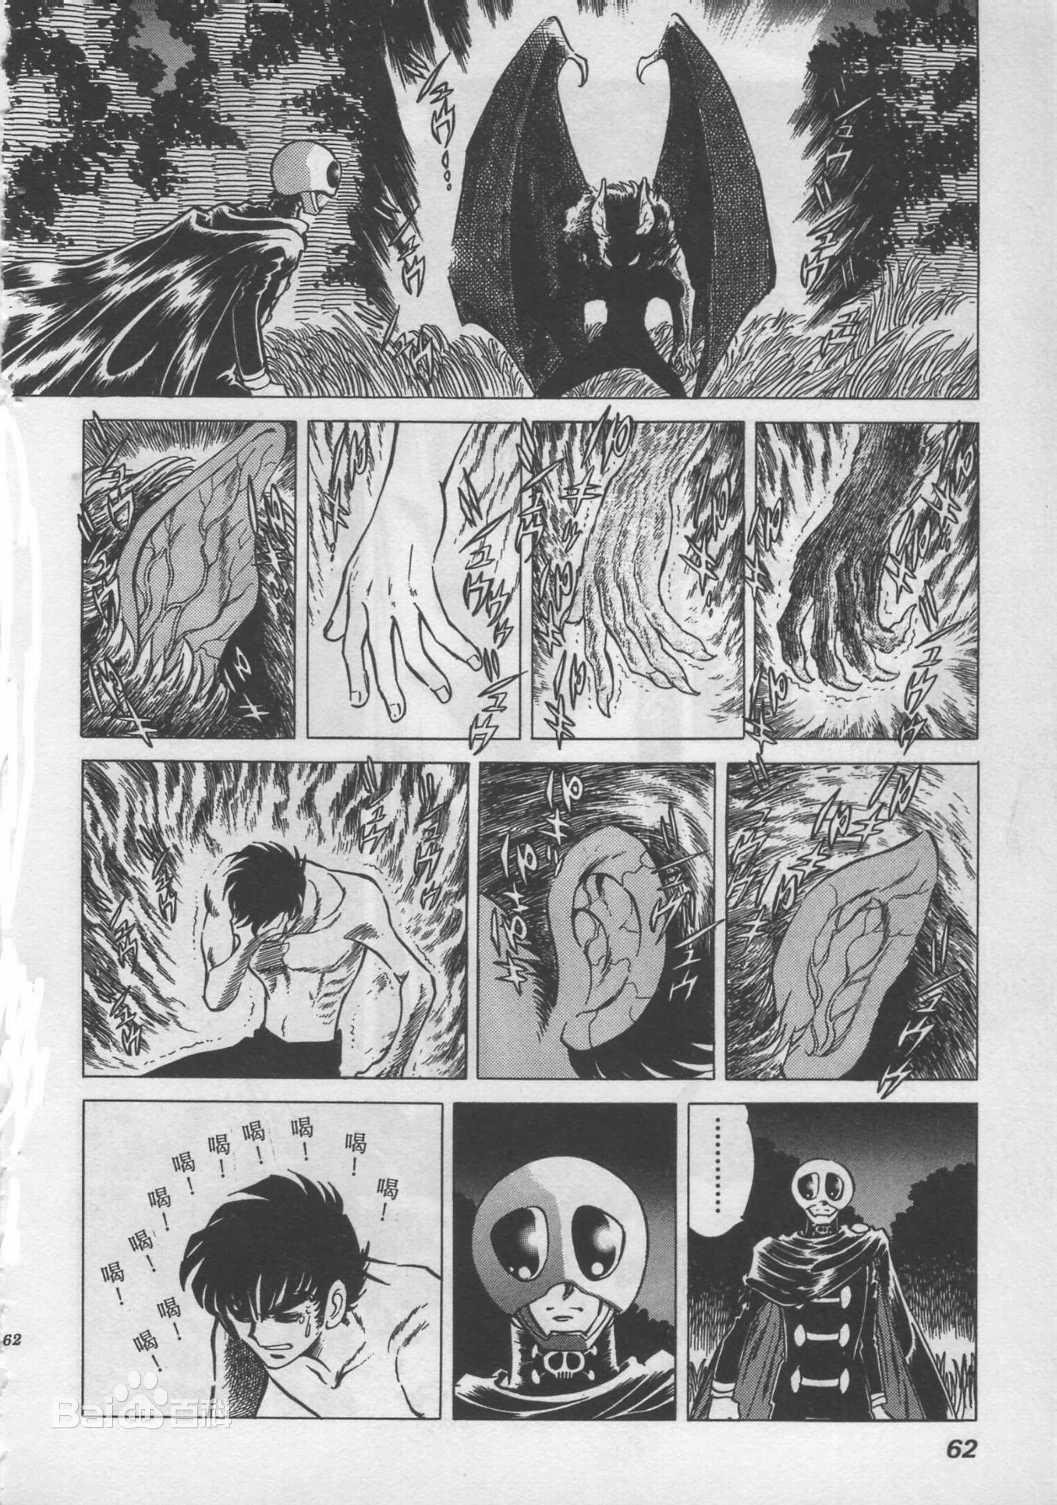 骷髅人漫画 骷髅人图片 骷髅人